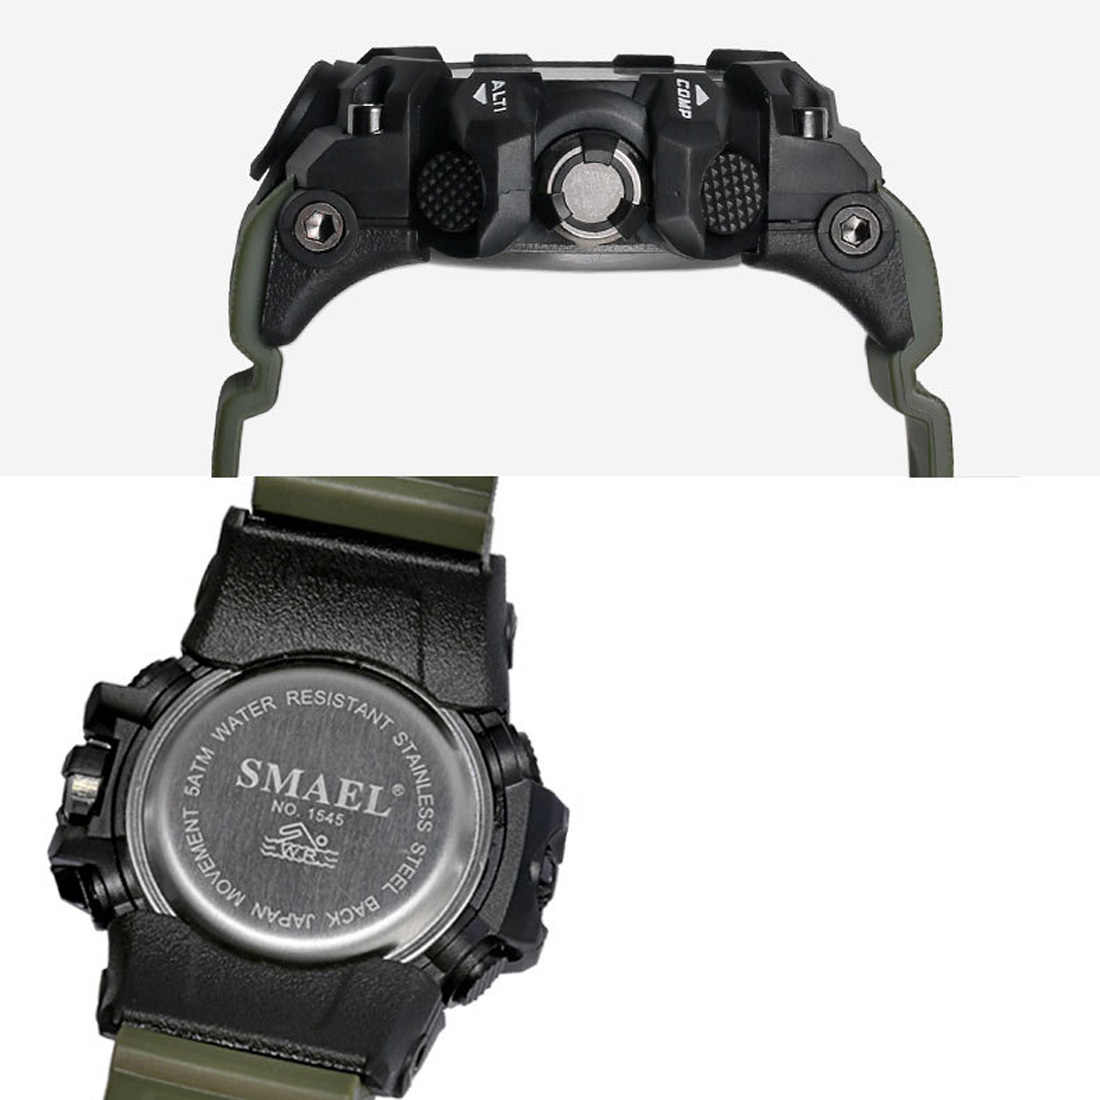 SMAEL ماركة الرجال ساعة التمويه العسكرية ساعة ساعة رقمية LED ساعة اليد 50 متر مقاوم للماء ساعة رياضية Relogio Masculino